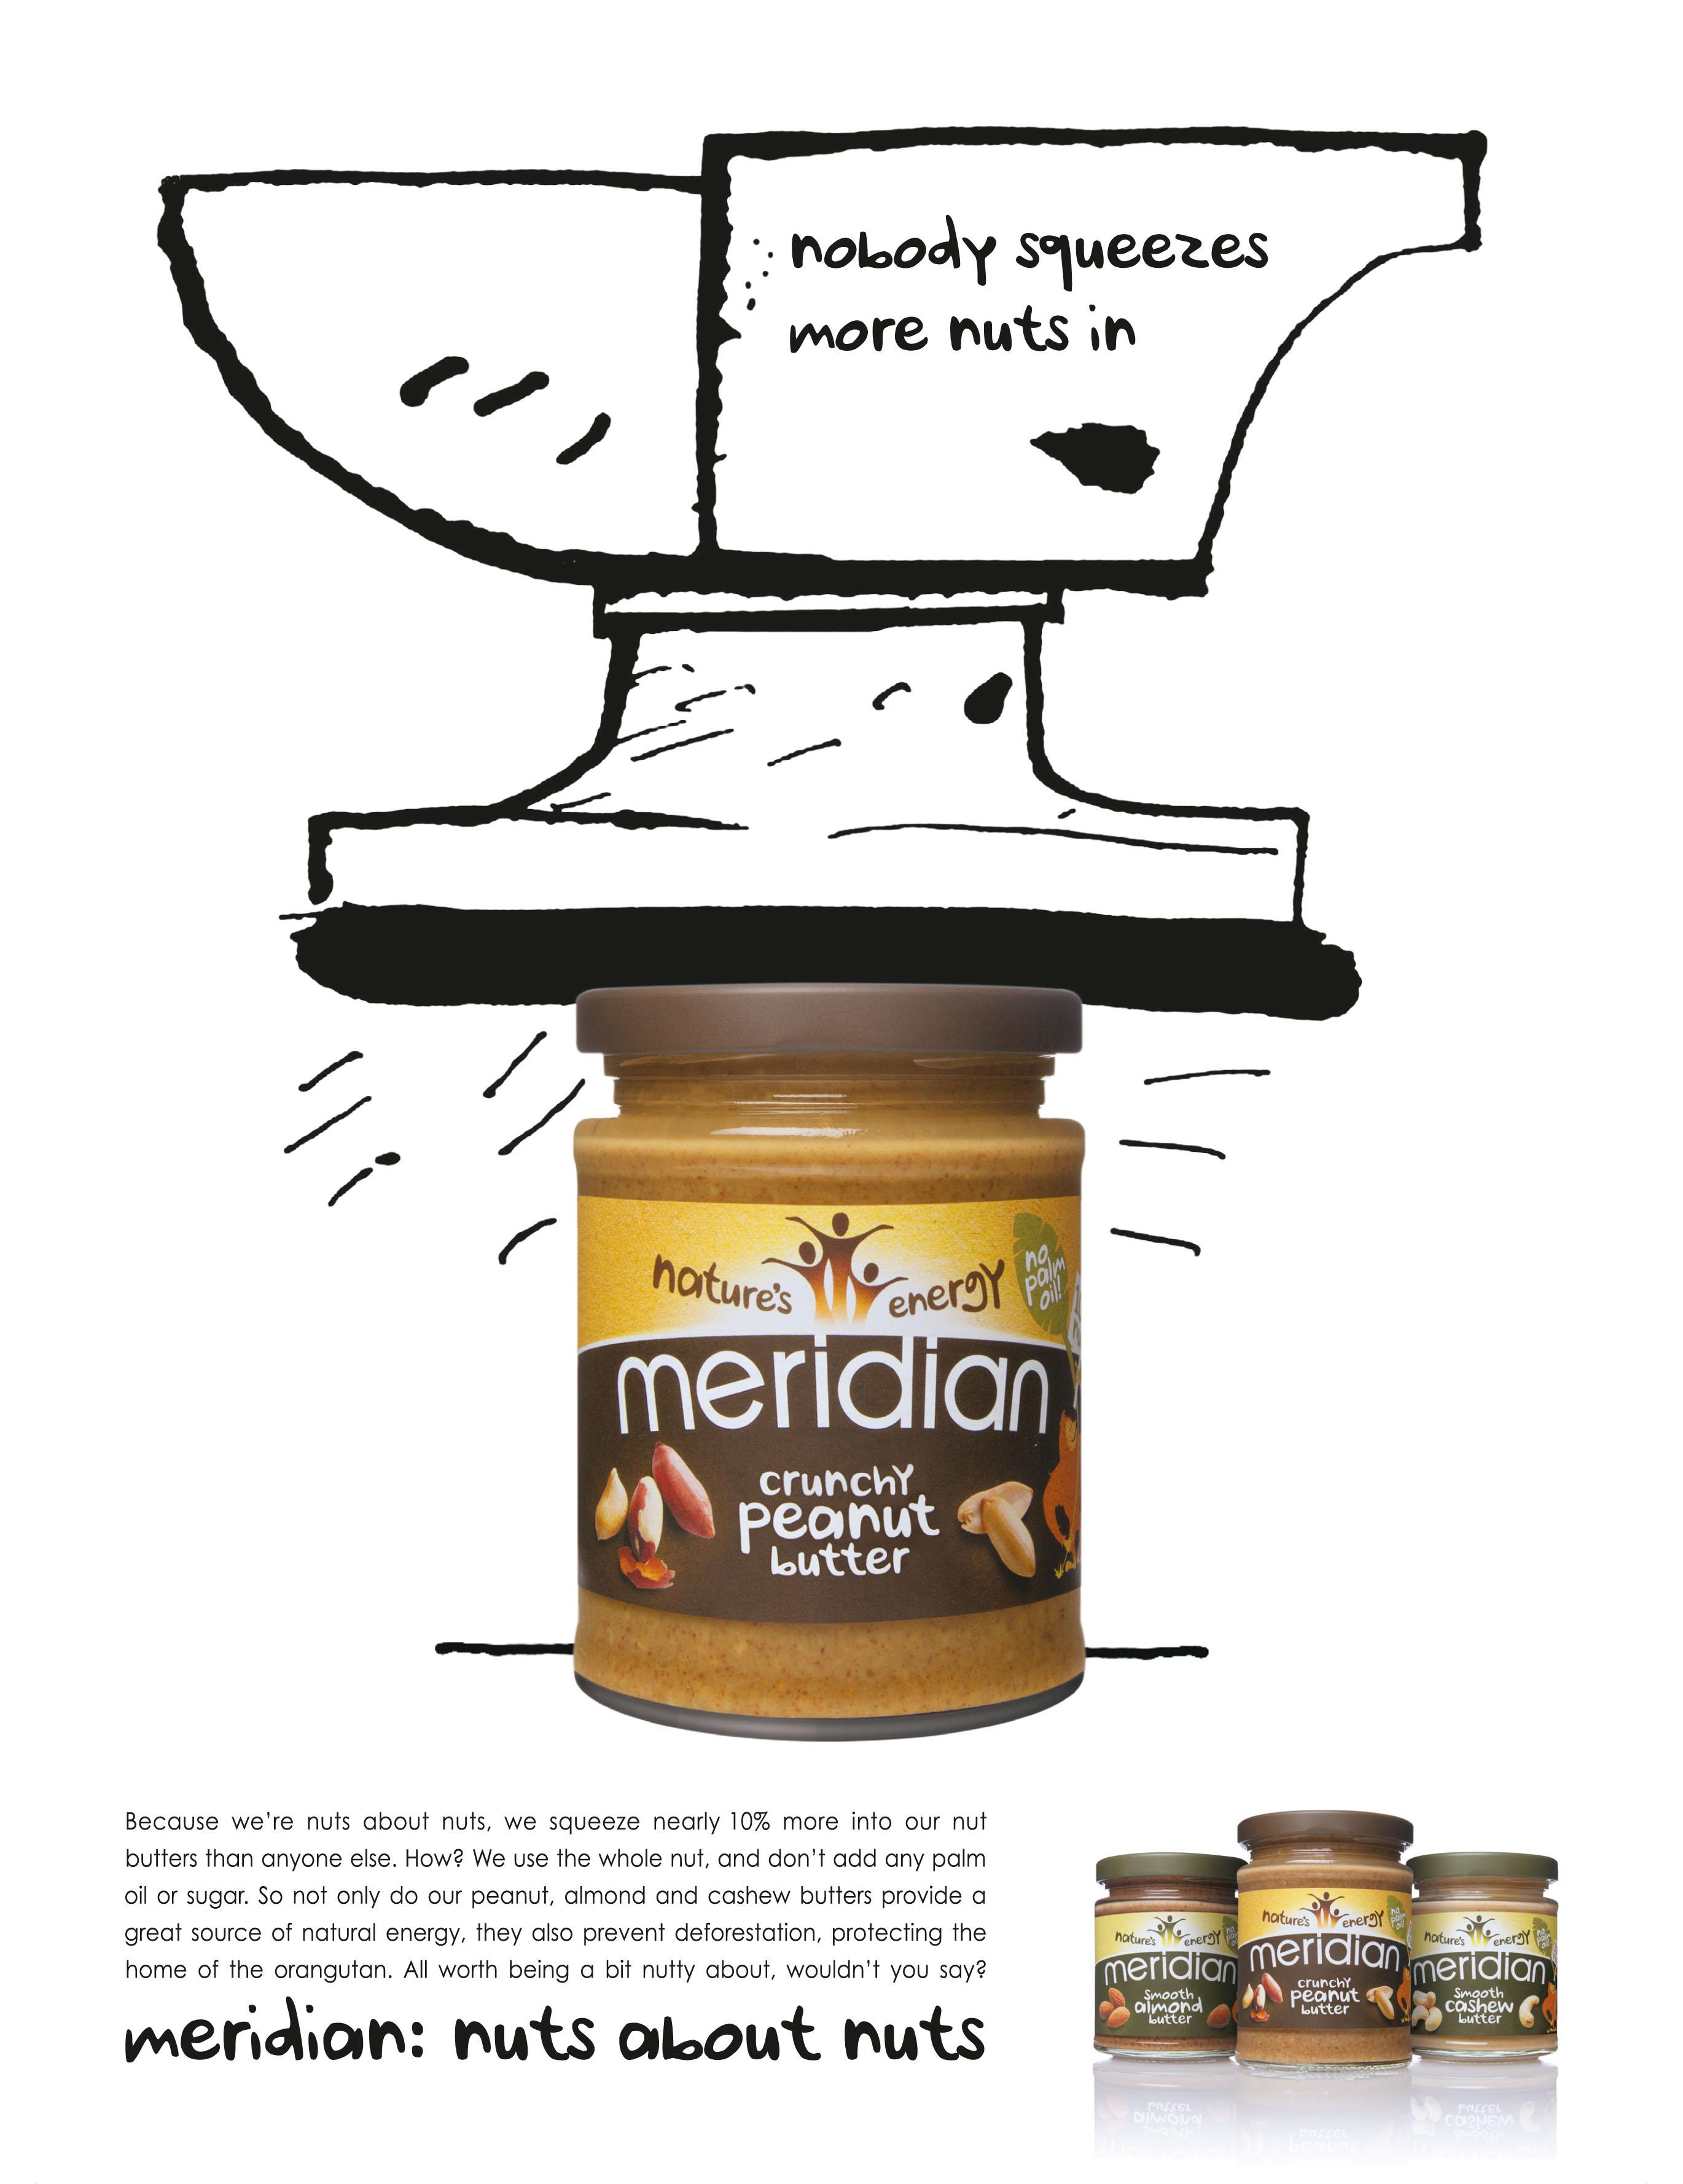 Meridian nuts